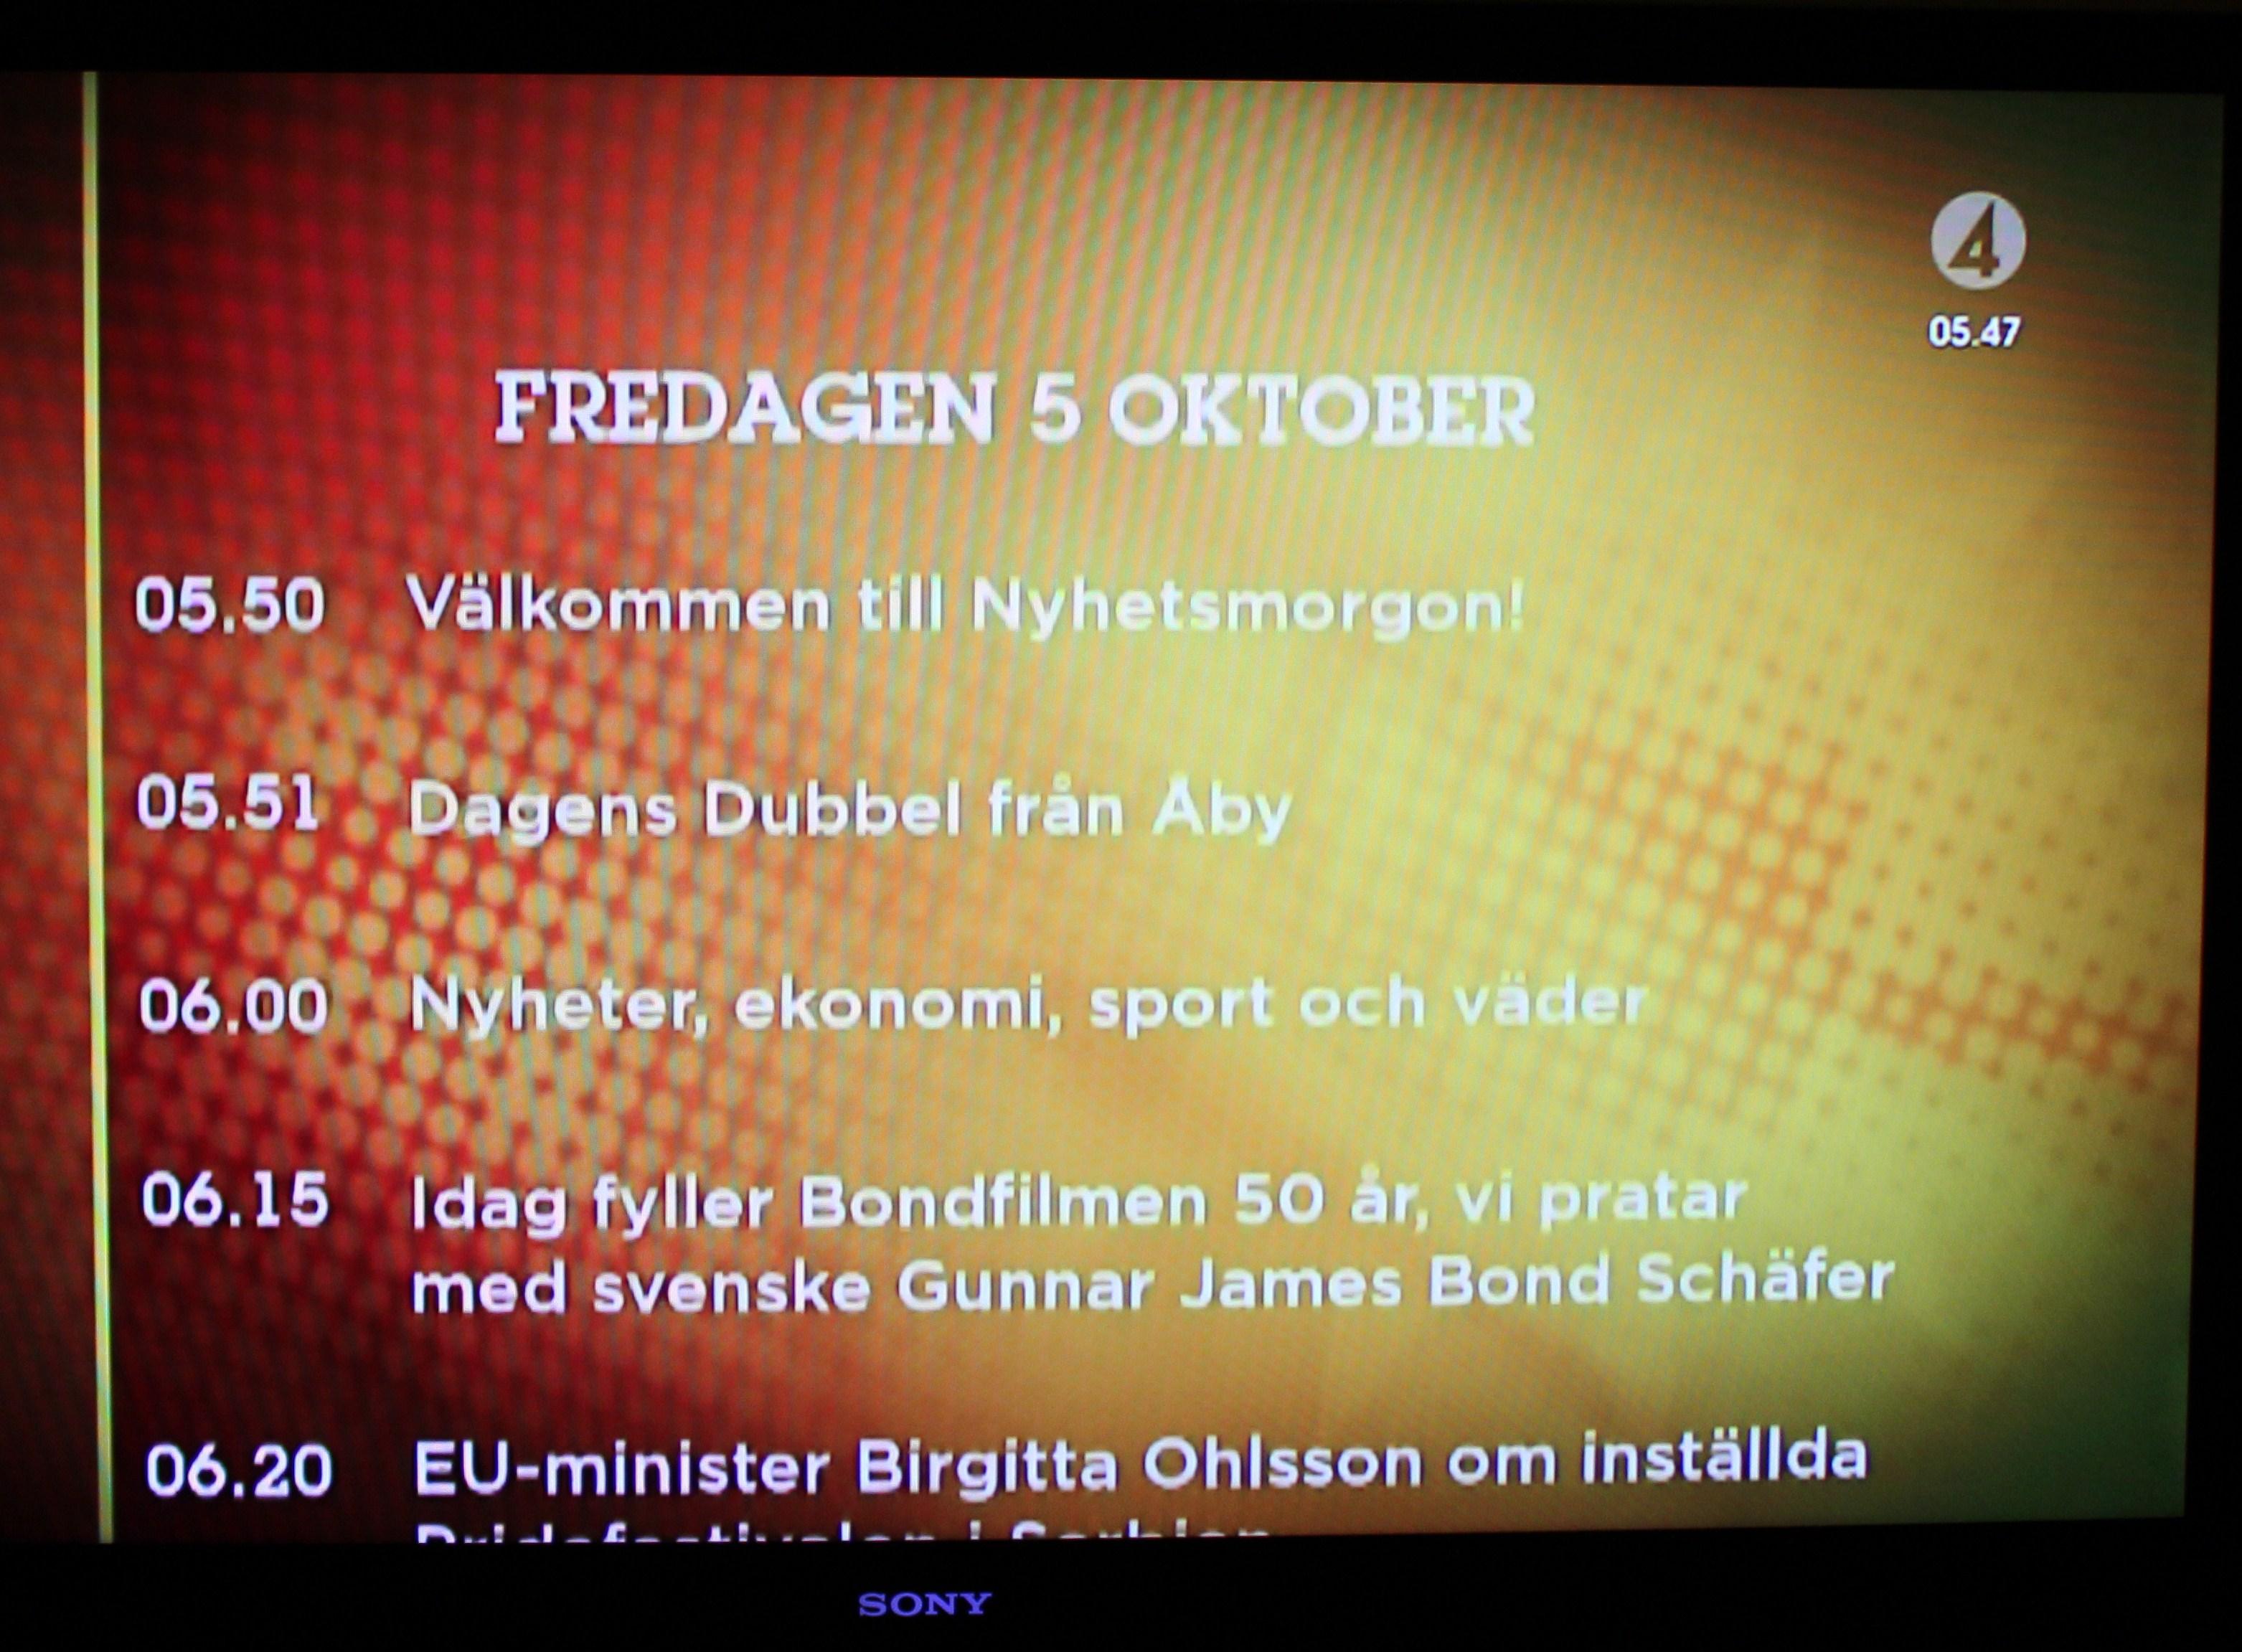 james bond 50 år Nyhetsmorgon TV 4 5 oktober James Bond 50 år och svenske Gunnar  james bond 50 år